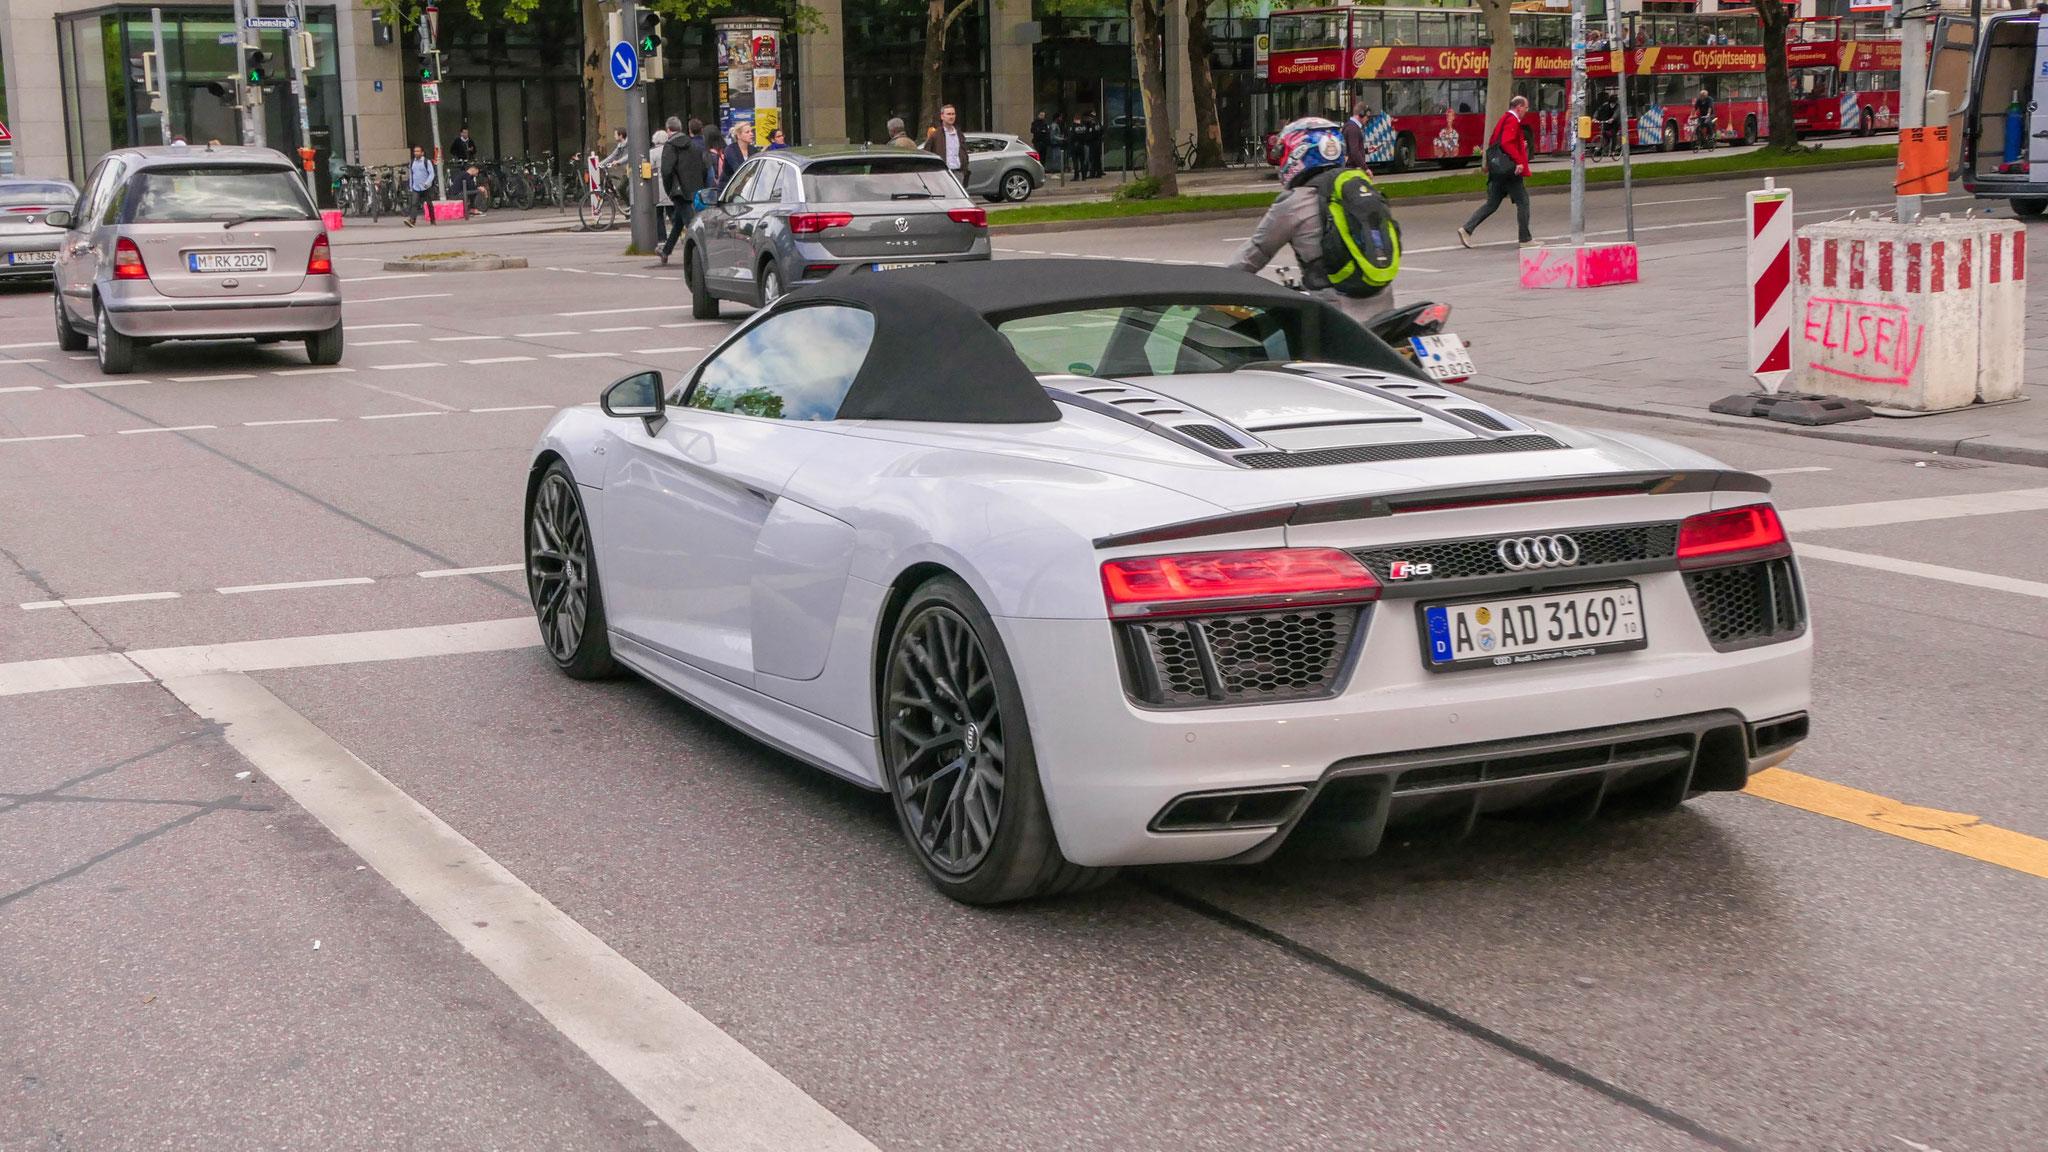 Audi R8 V10 Spyder - A-AD-3169